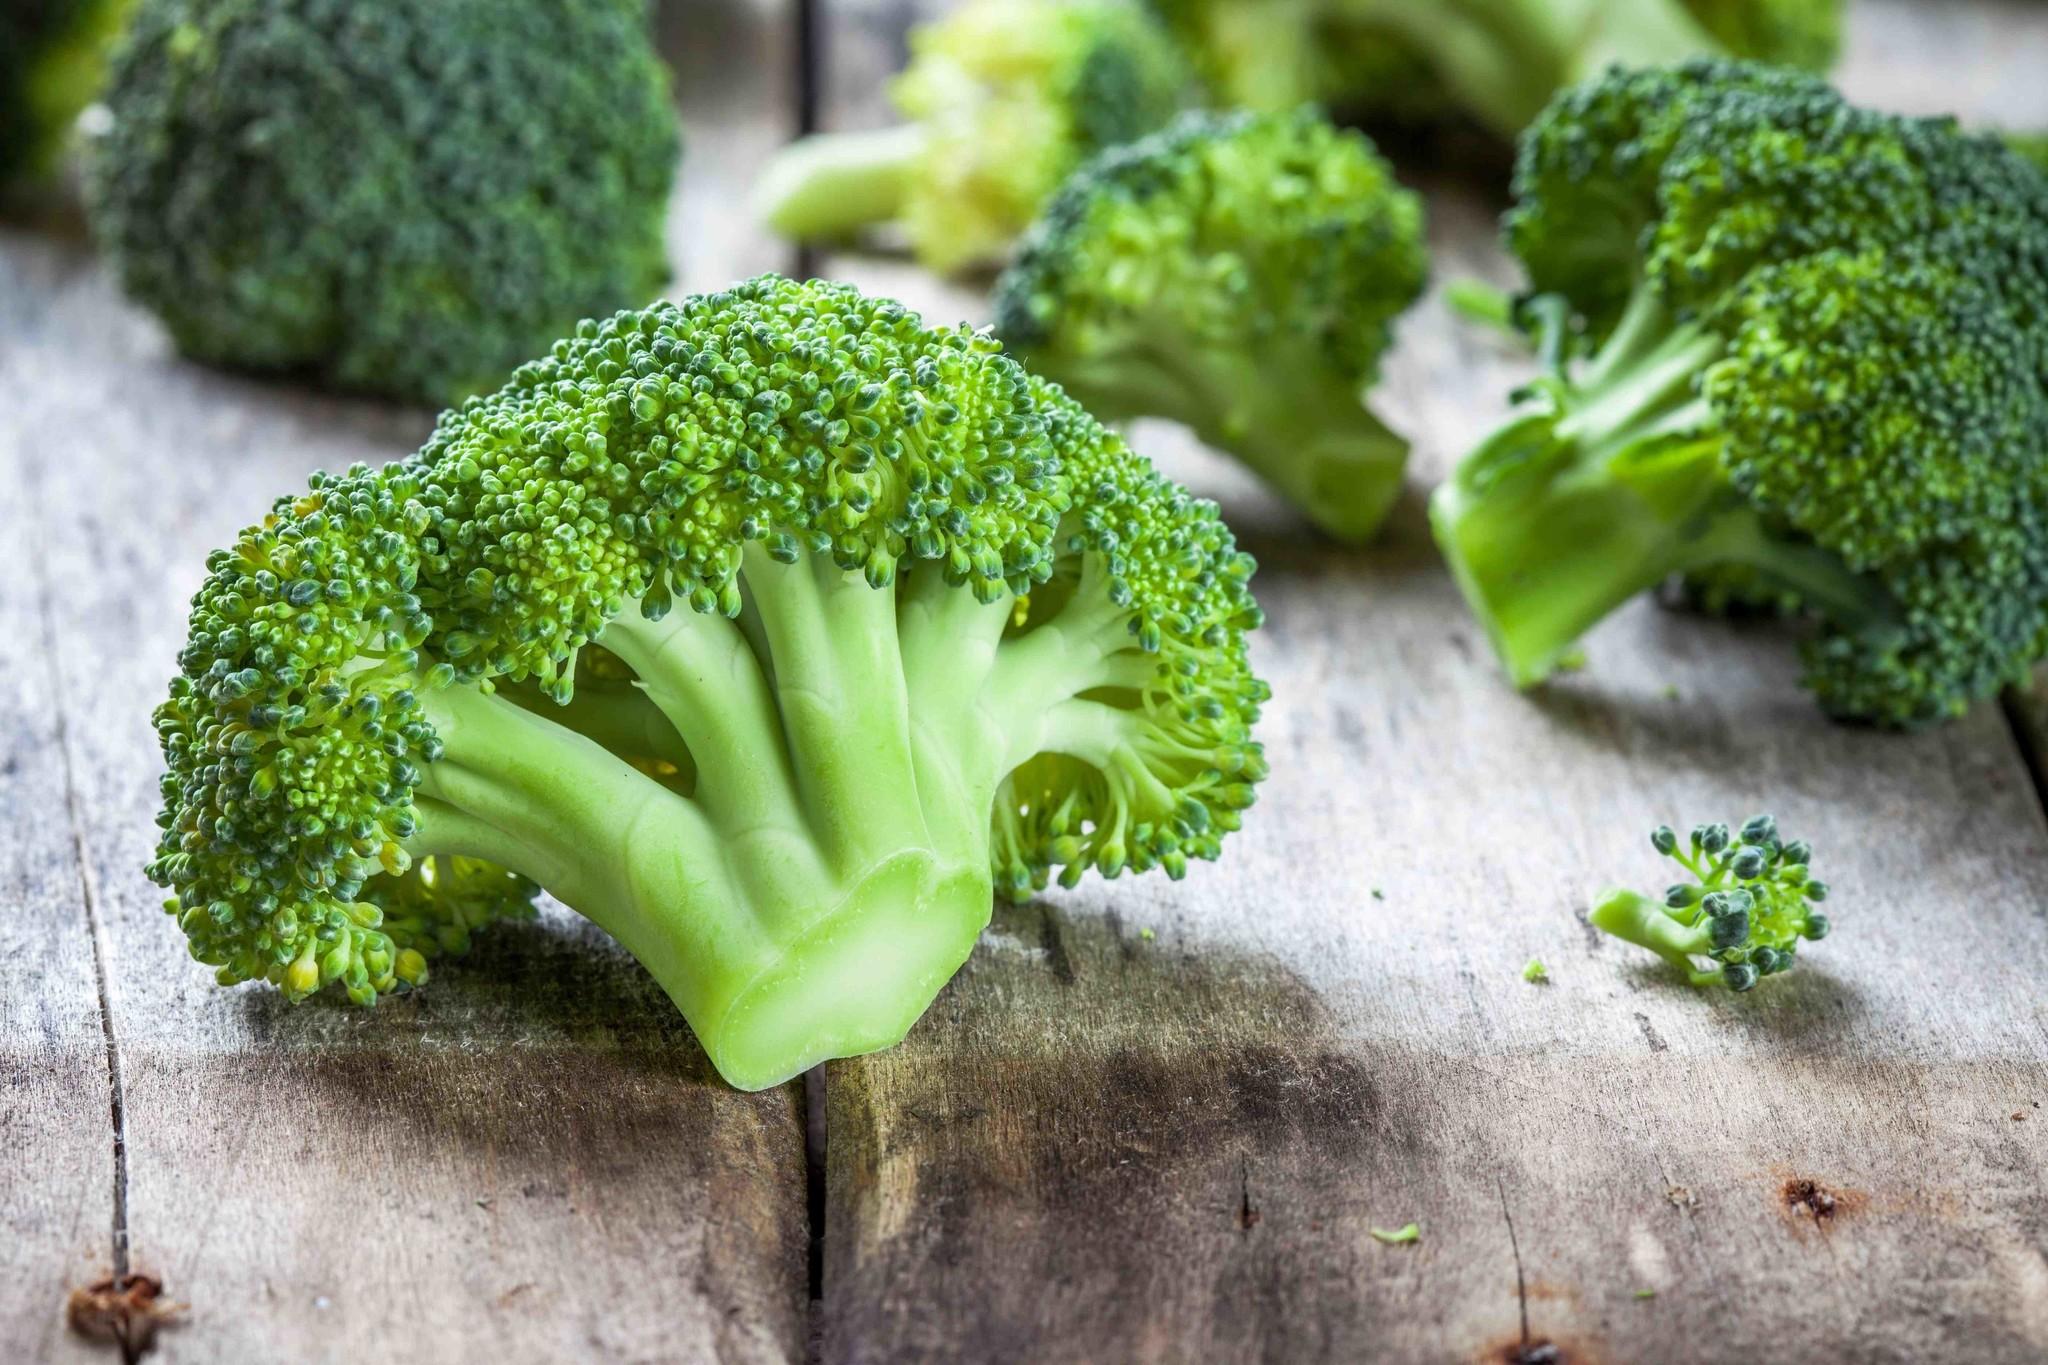 Urker Vismix in botersaus, aardappelen & broccoli met kaas - Luxe